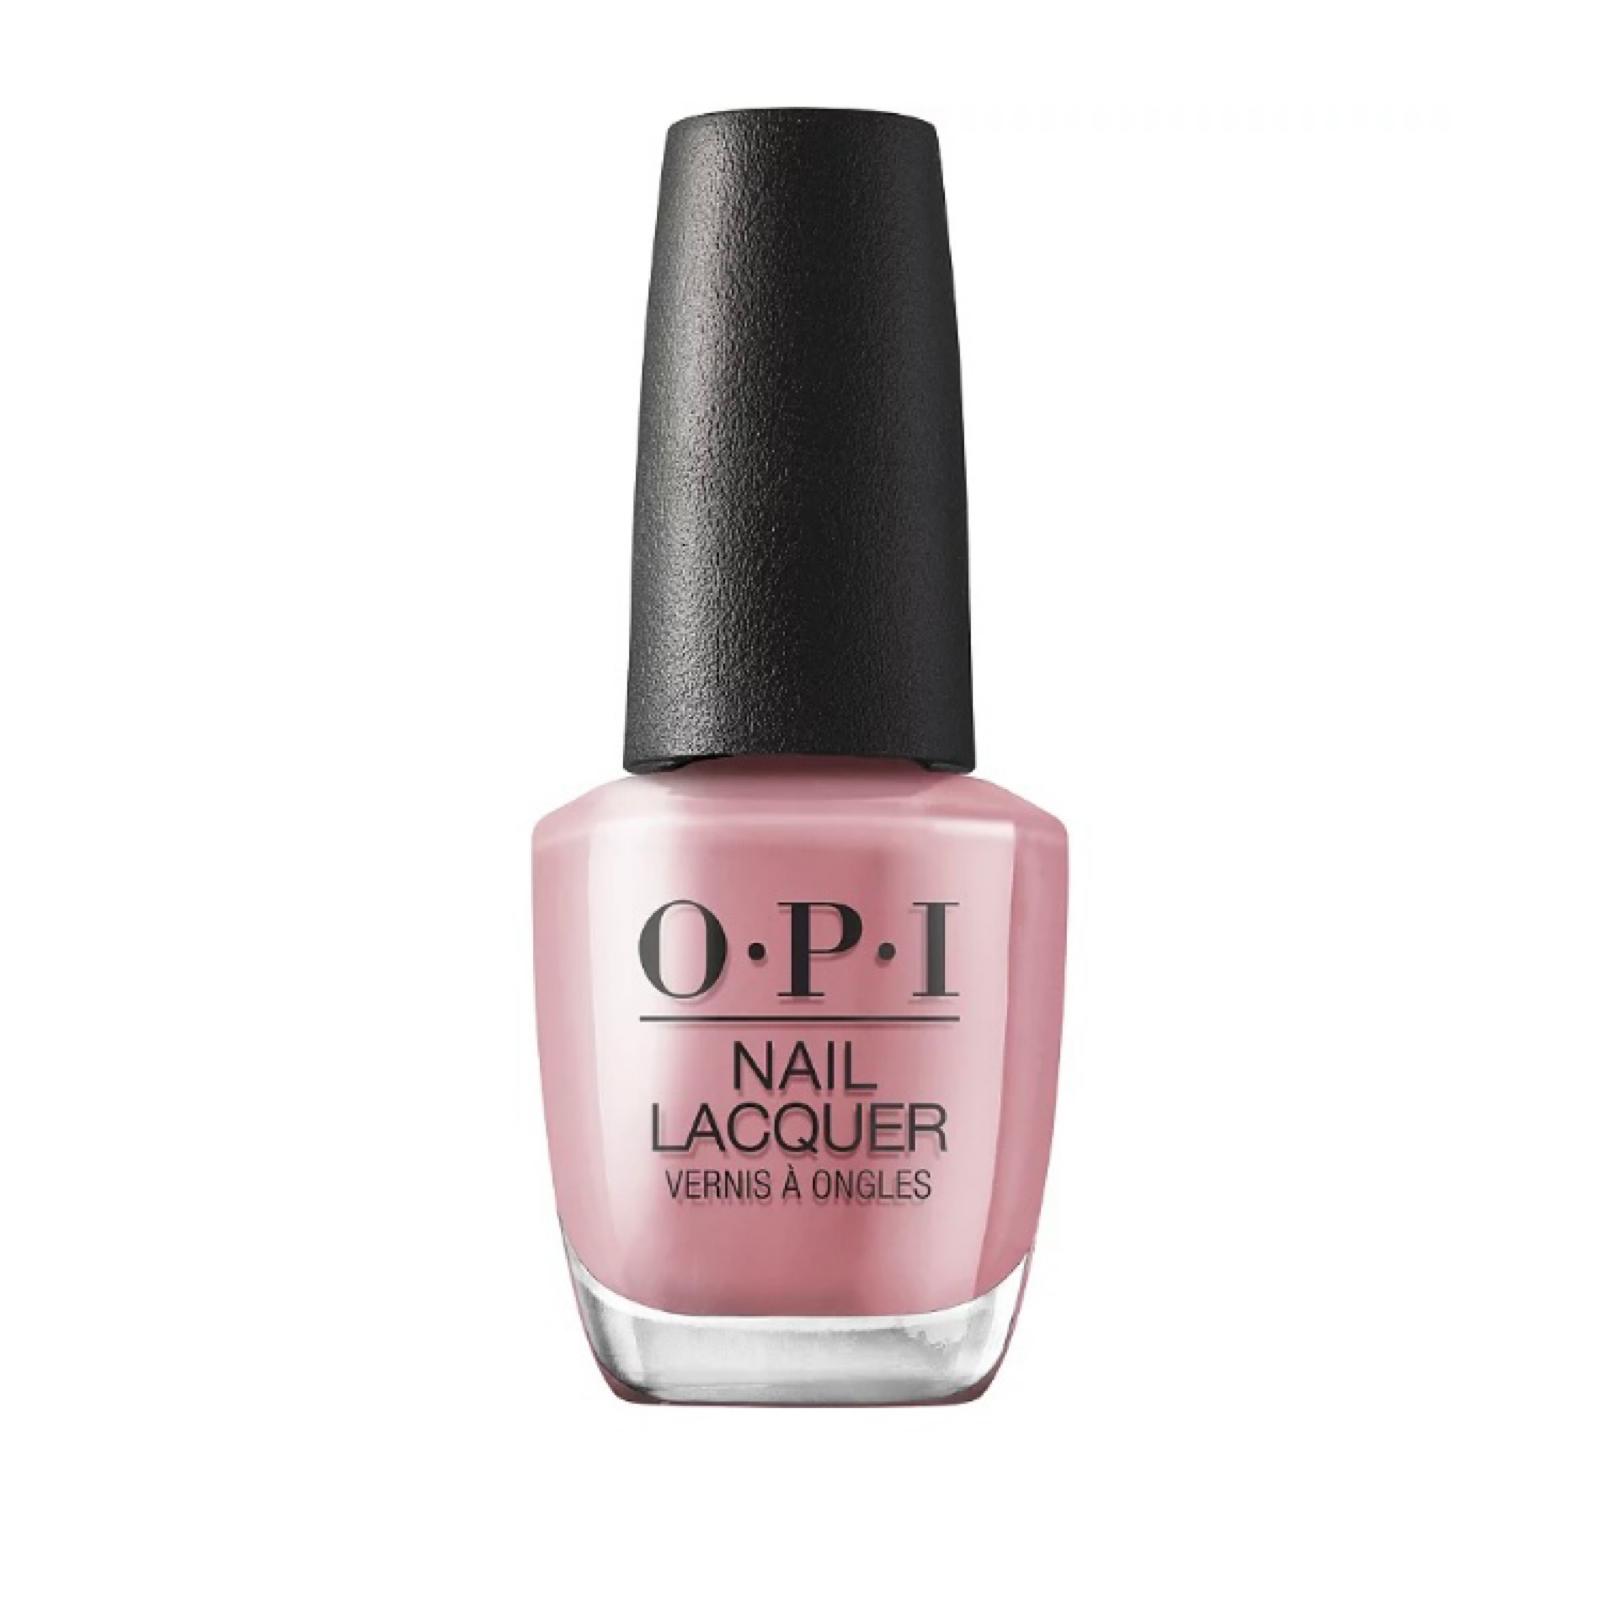 OPI Hollywood Spring 2021 Nail Polish Collection